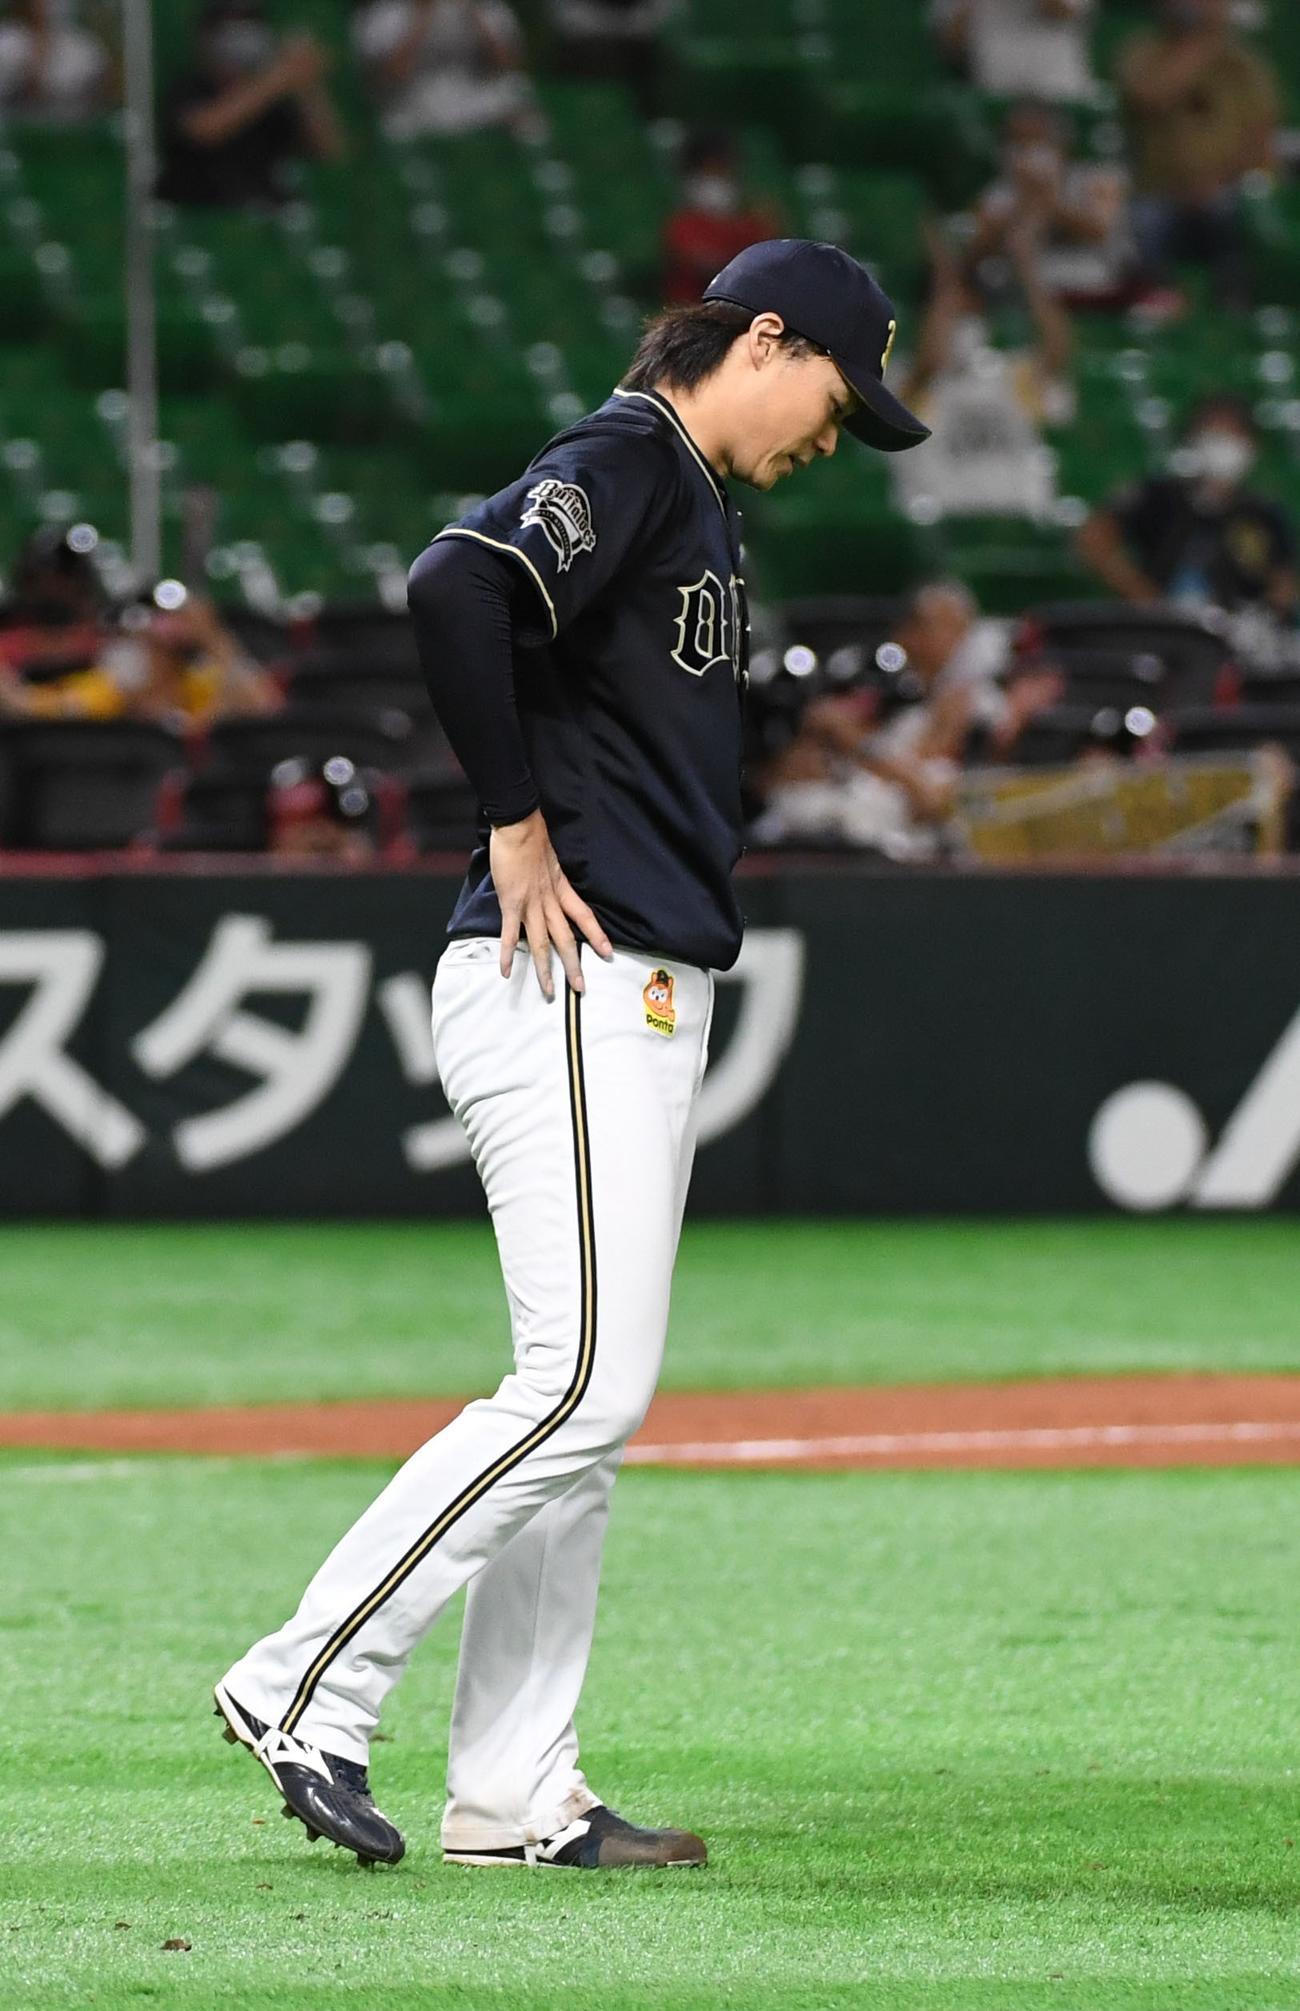 ソフトバンク対オリックス 8回裏ソフトバンク2死一、二塁、先発の山崎福は柳田に3点本塁打を浴びガックリする(撮影・今浪浩三)